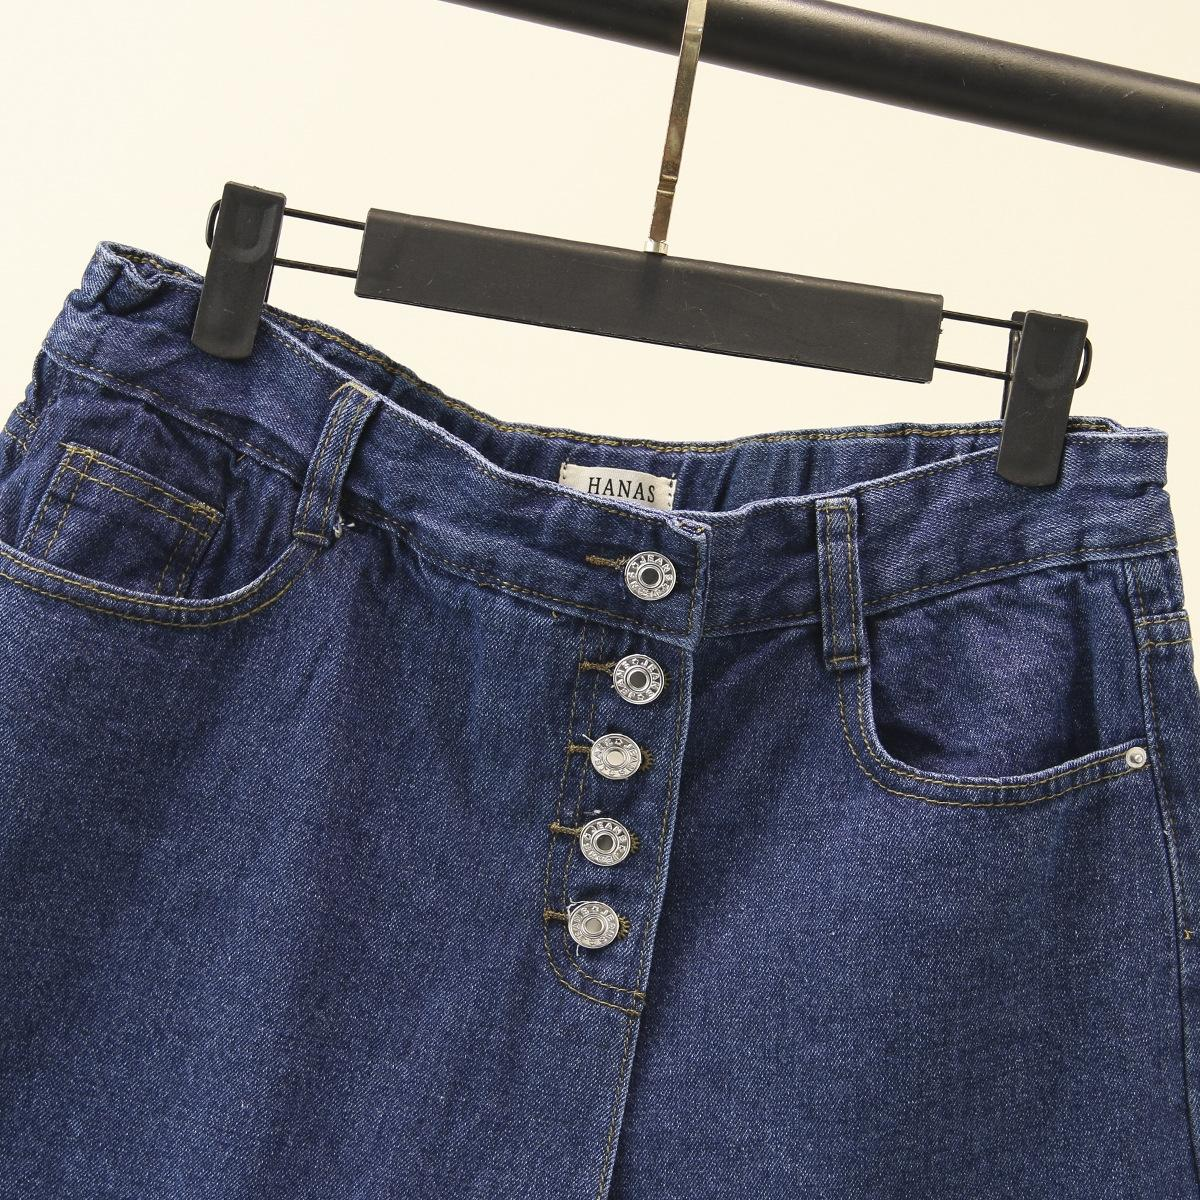 donna di grandi dimensioni abbigliamento 2019 di moda falso in due pezzi e monopetto shorts in denim studenti short larghi gamba I8013